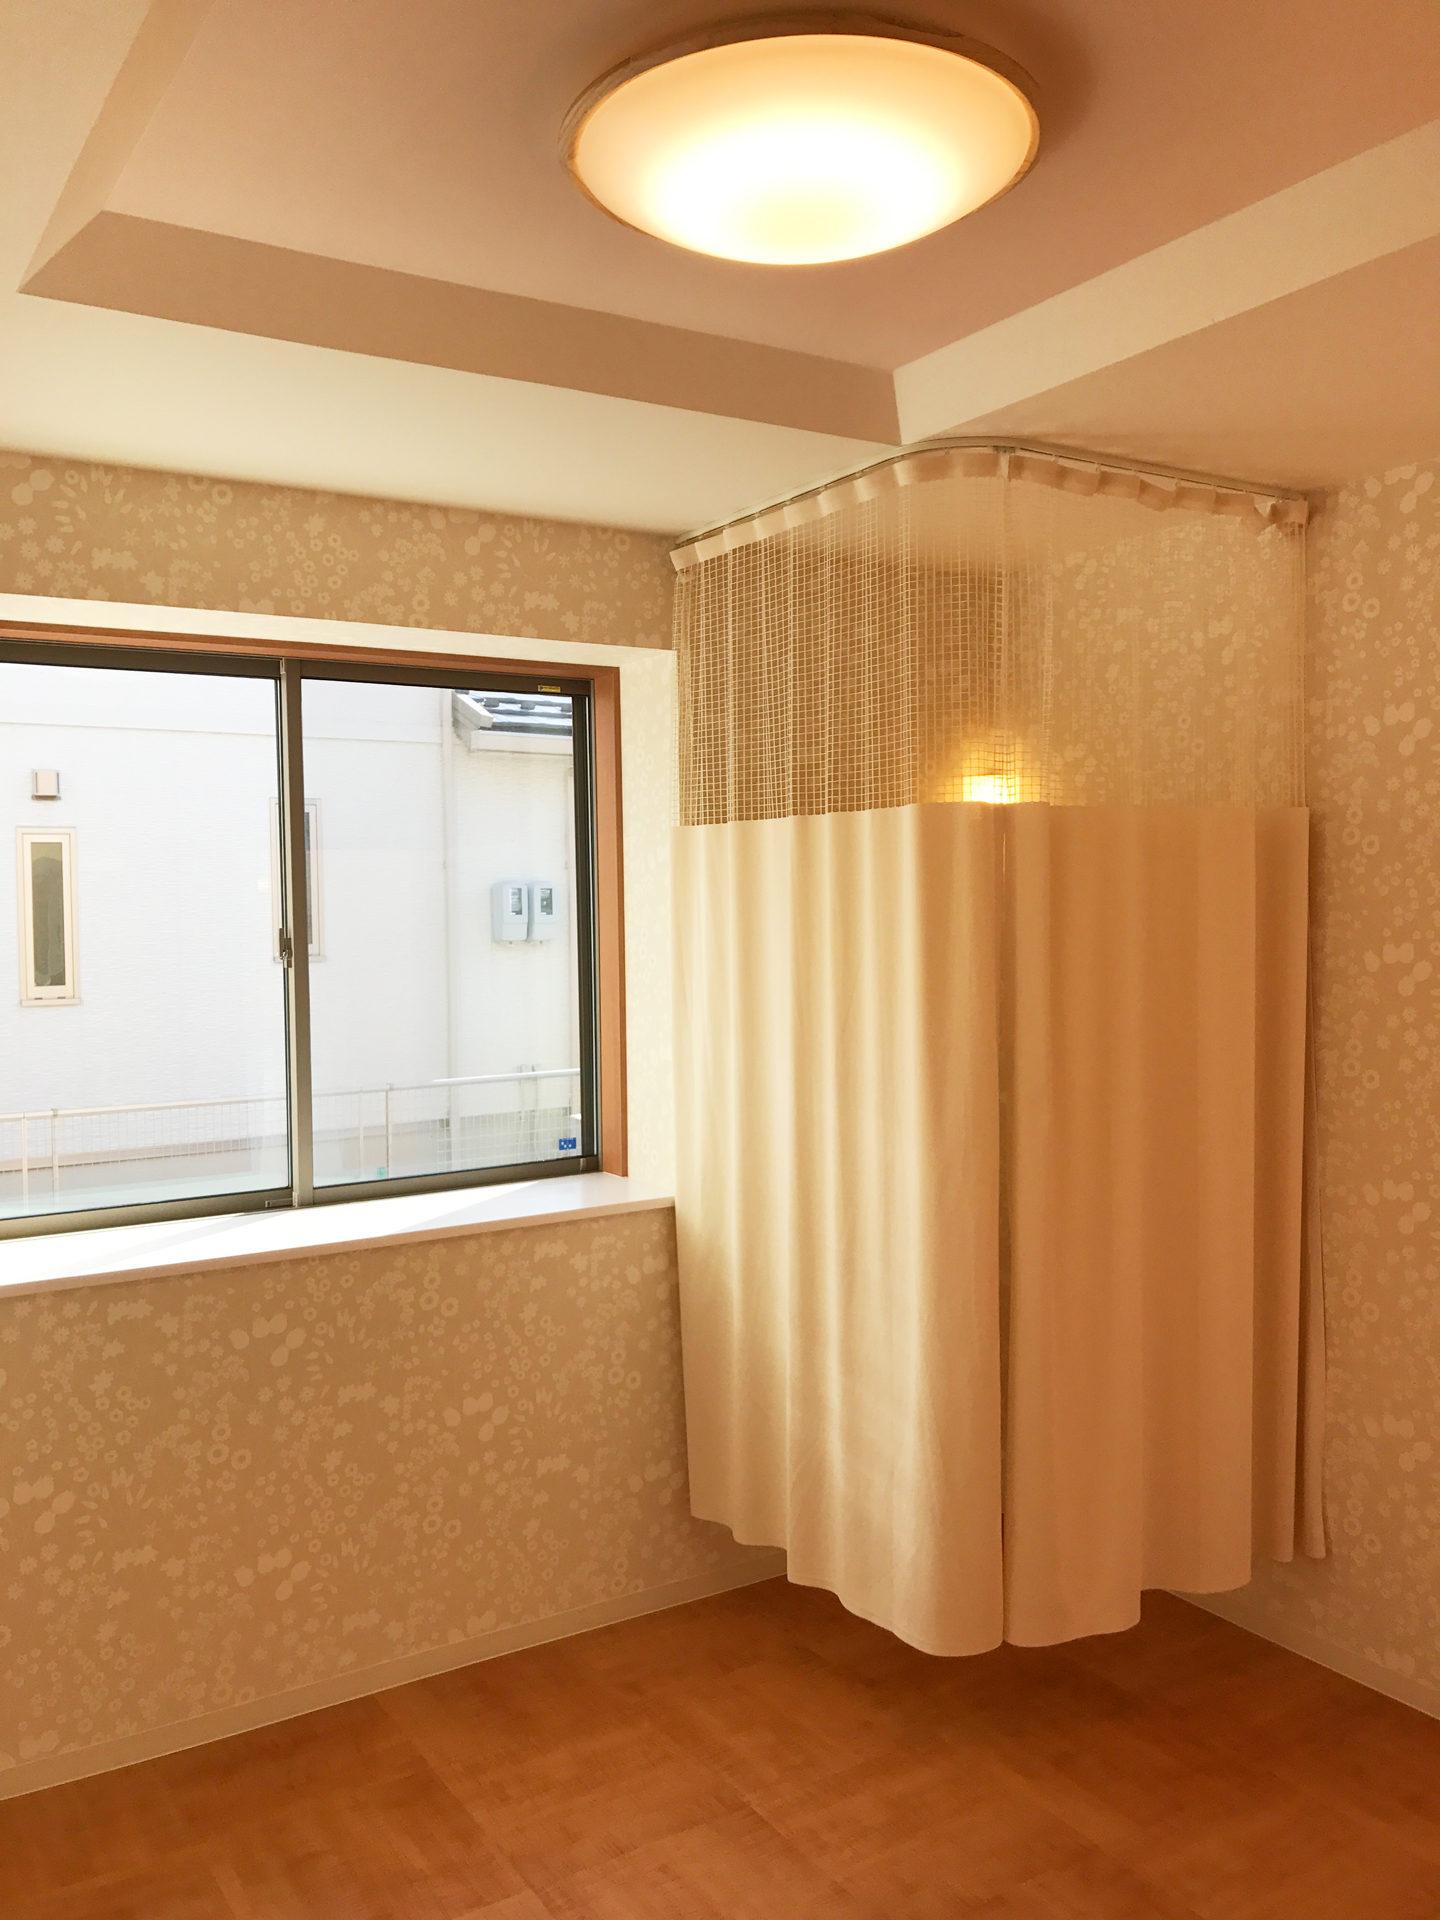 レディース治療院(はり・あん・マッサージ)付き二世帯住宅の施術室更衣スペース